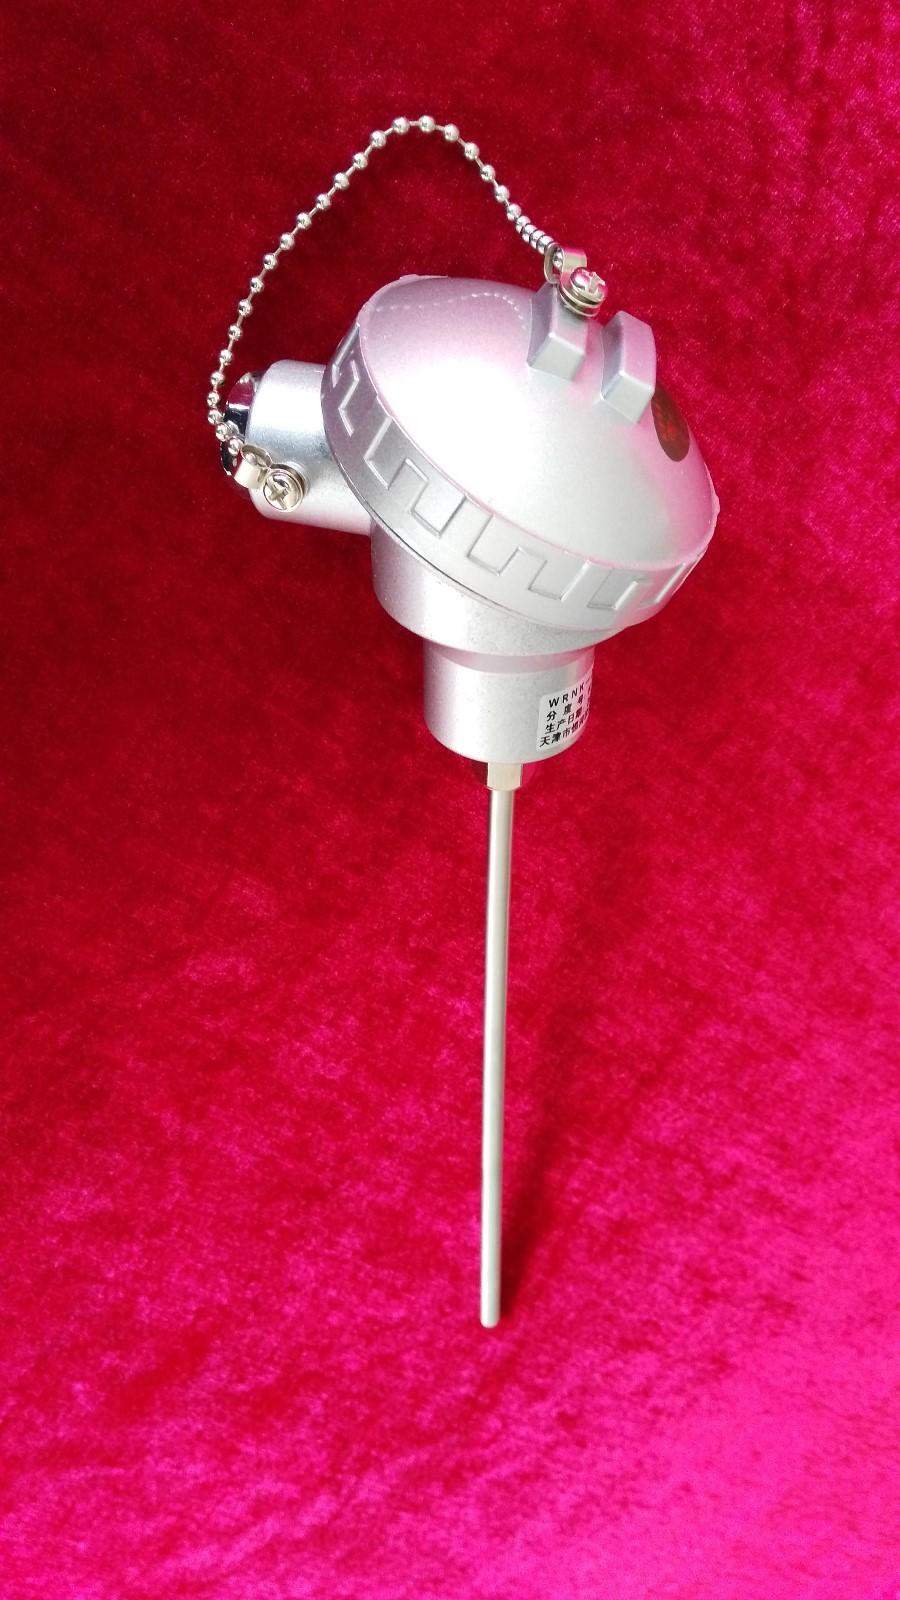 铠装热电偶|热电偶、热电阻-天津市恒河仪表有限公司